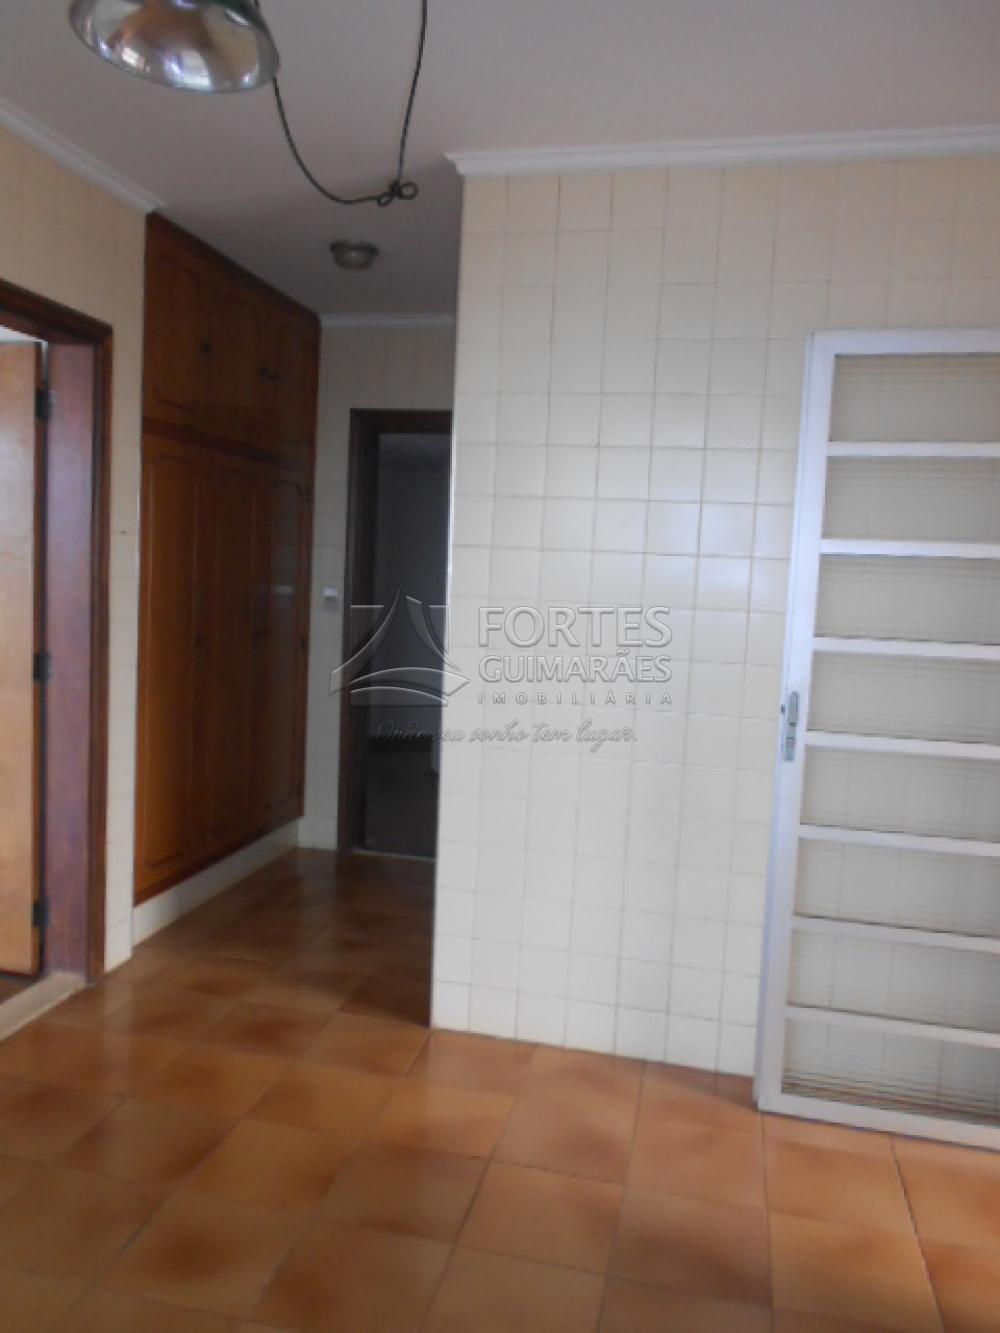 Alugar Apartamentos / Padrão em Ribeirão Preto apenas R$ 1.500,00 - Foto 62